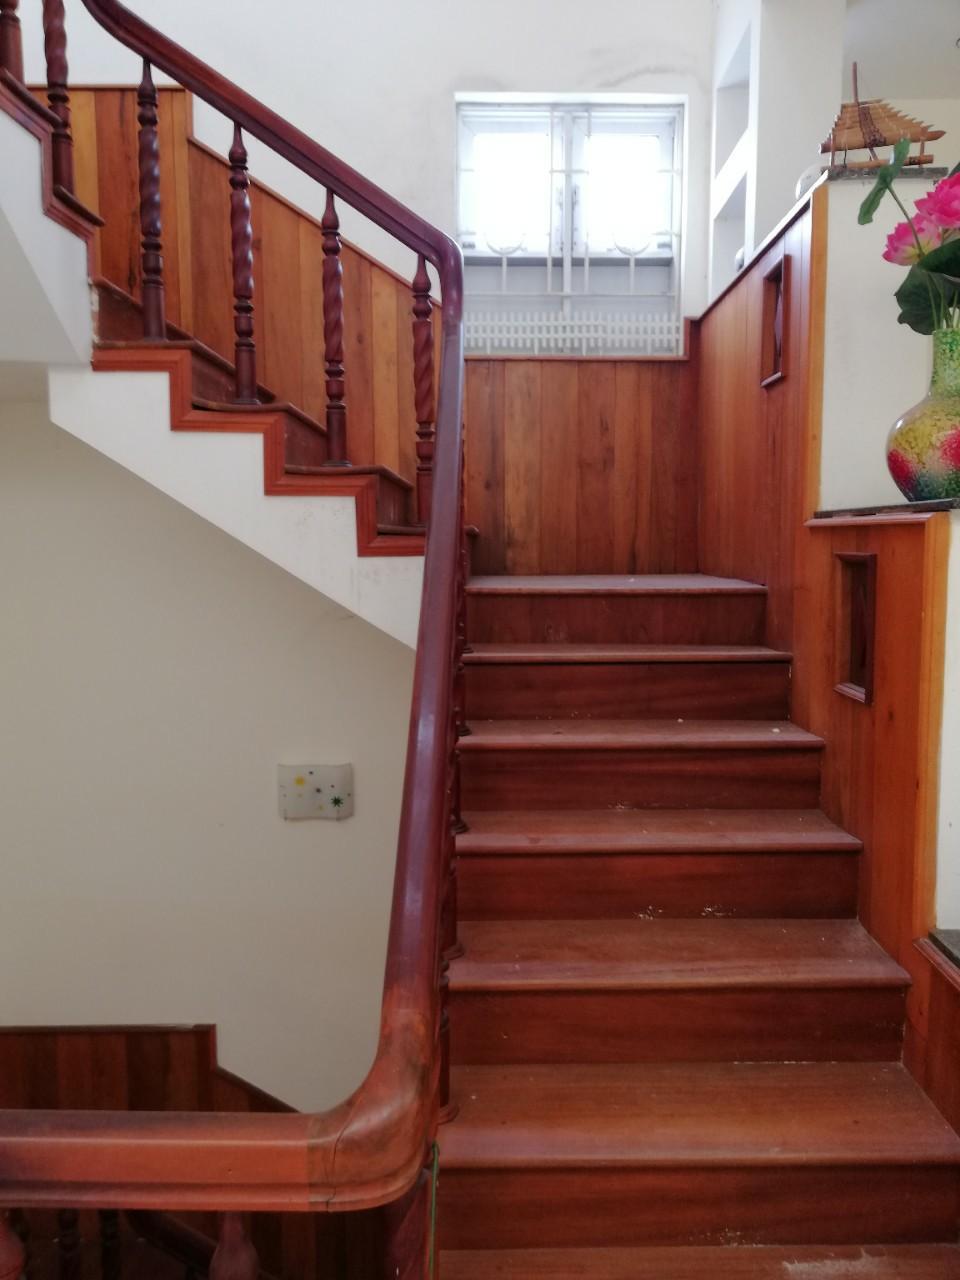 Báo giá cầu thang gỗ- Mẫu cầu thang gỗ đẹp- Cầu thang gỗ tự nhiên ...